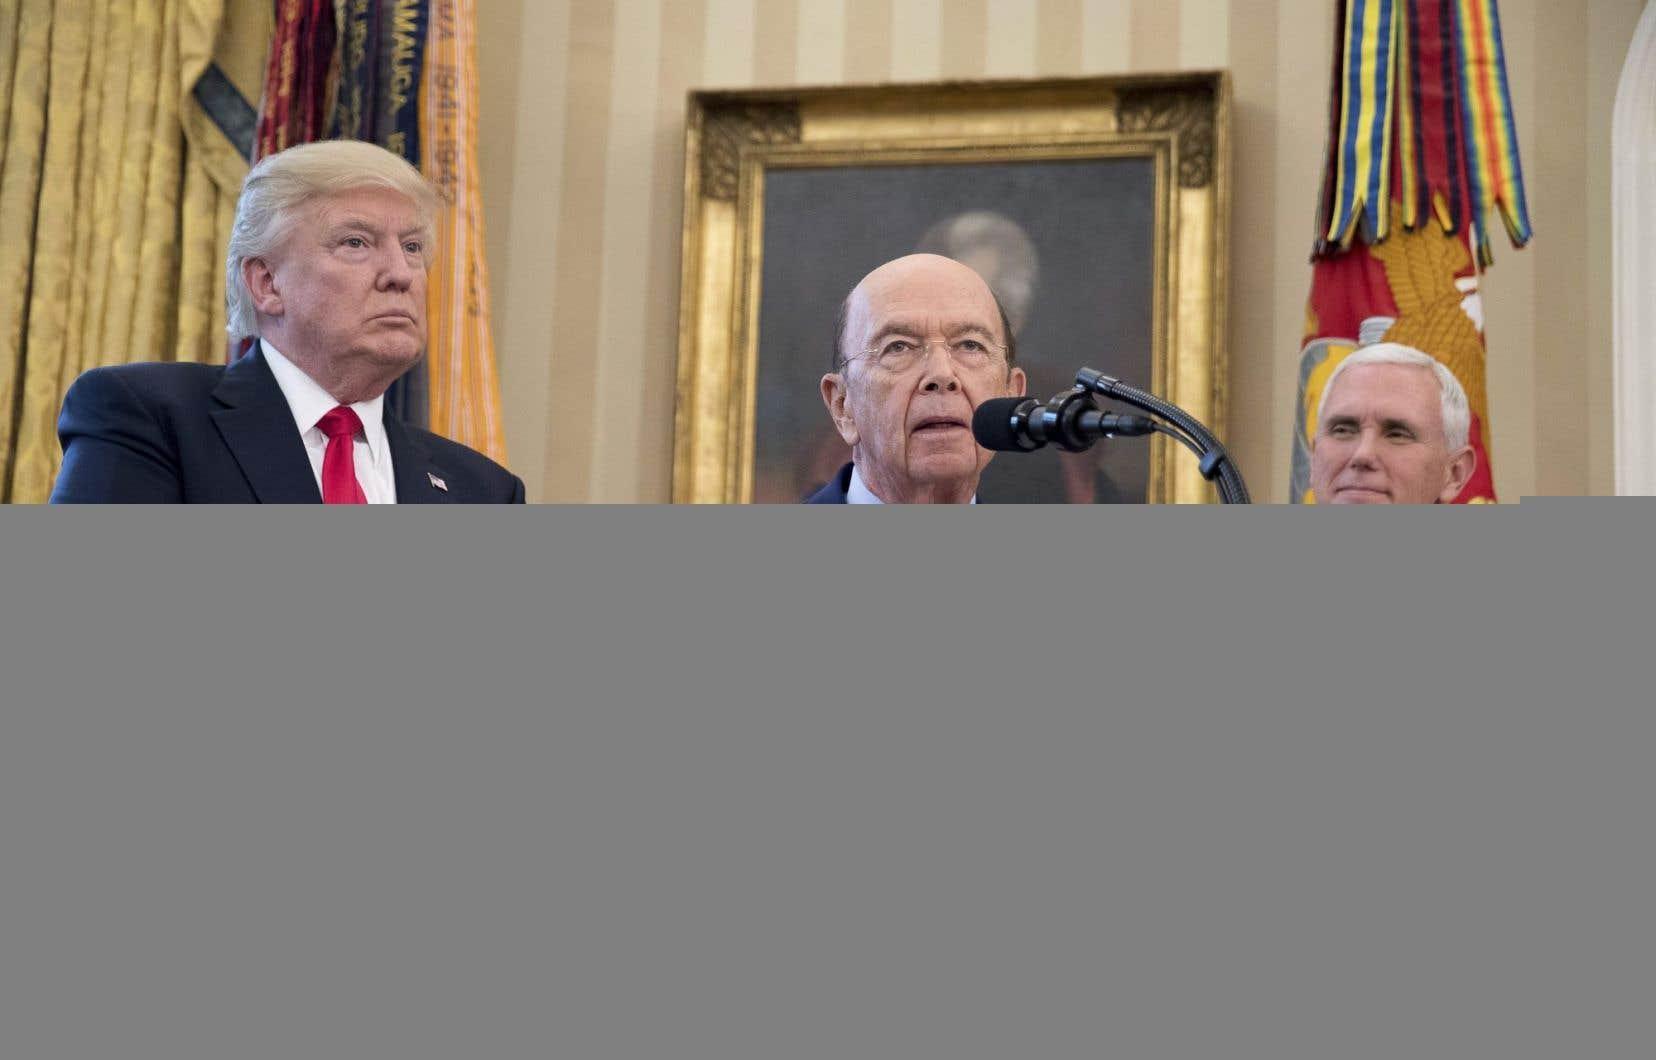 Le président des États-Unis en compagnie du secrétaire au Commerce, Wilbur Ross, et du vice-président, Mike Pence, à la Maison-Blanche